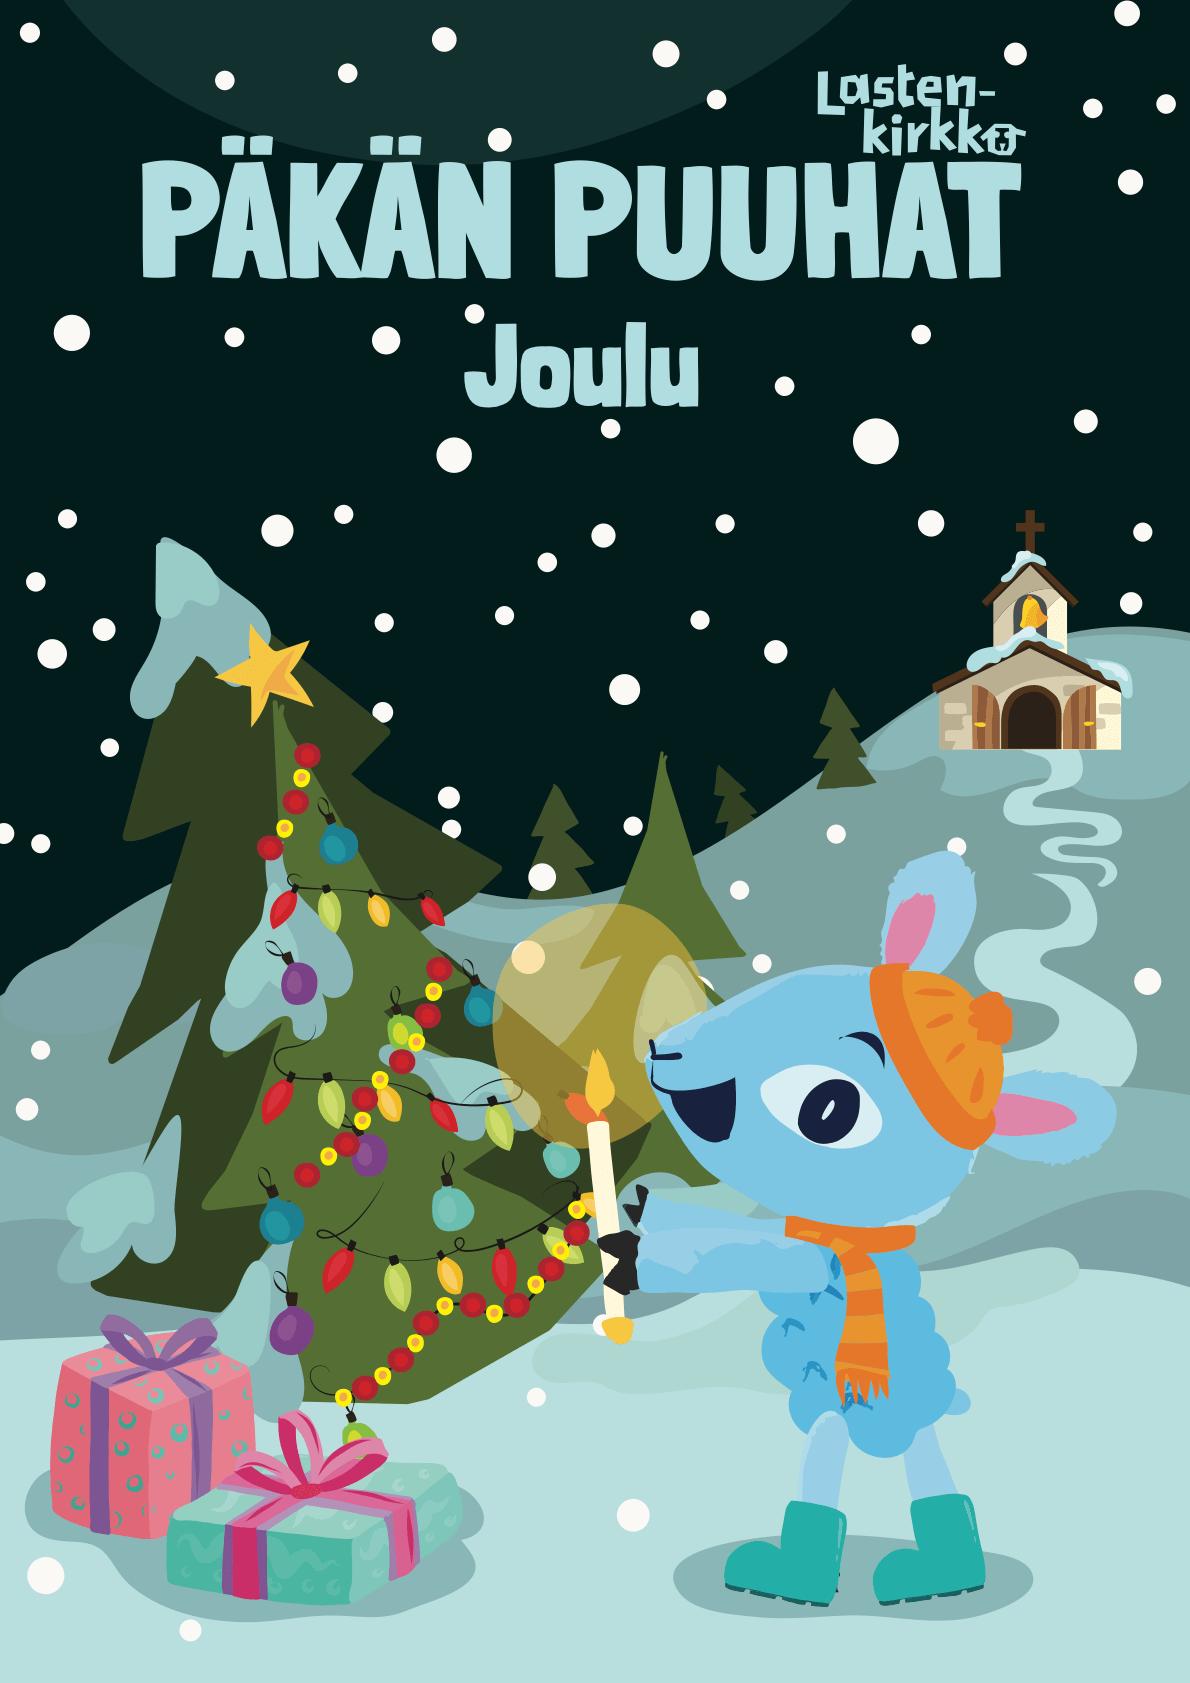 Lehden kannessa on joulukuusi, Päkä, lahjoja ja kirkko kukkulalla.